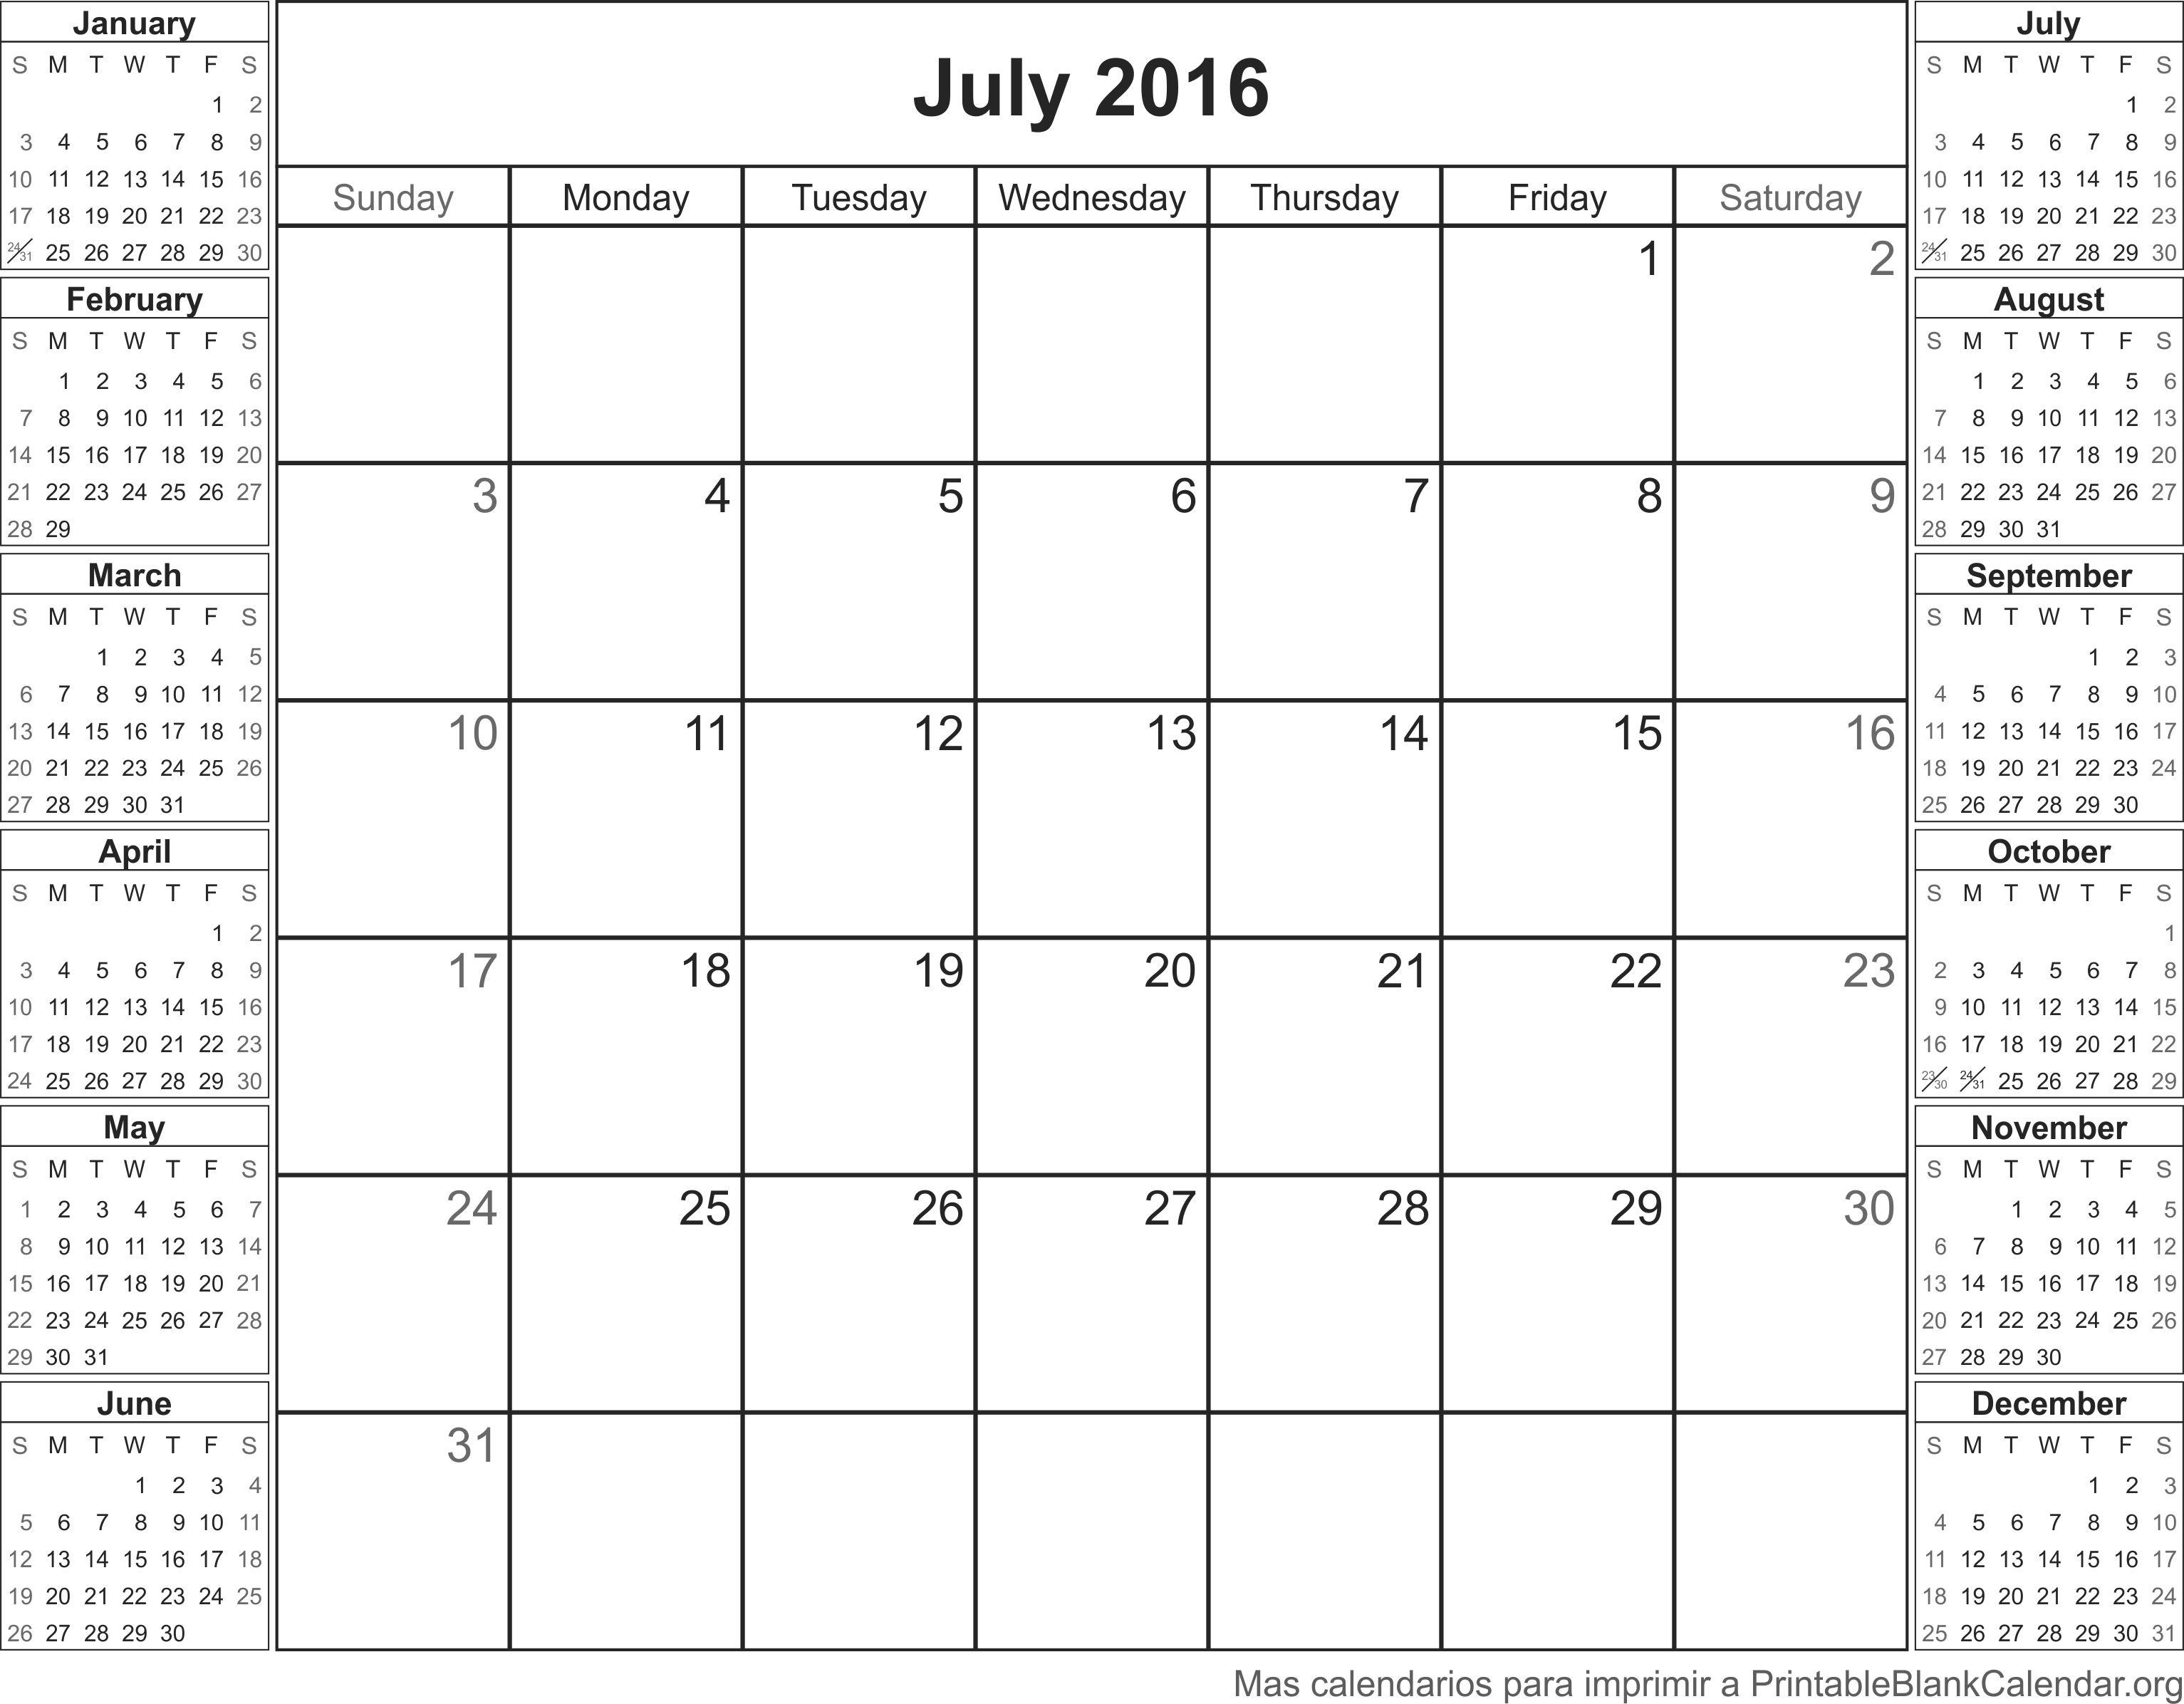 imprimir calendario julio 2016